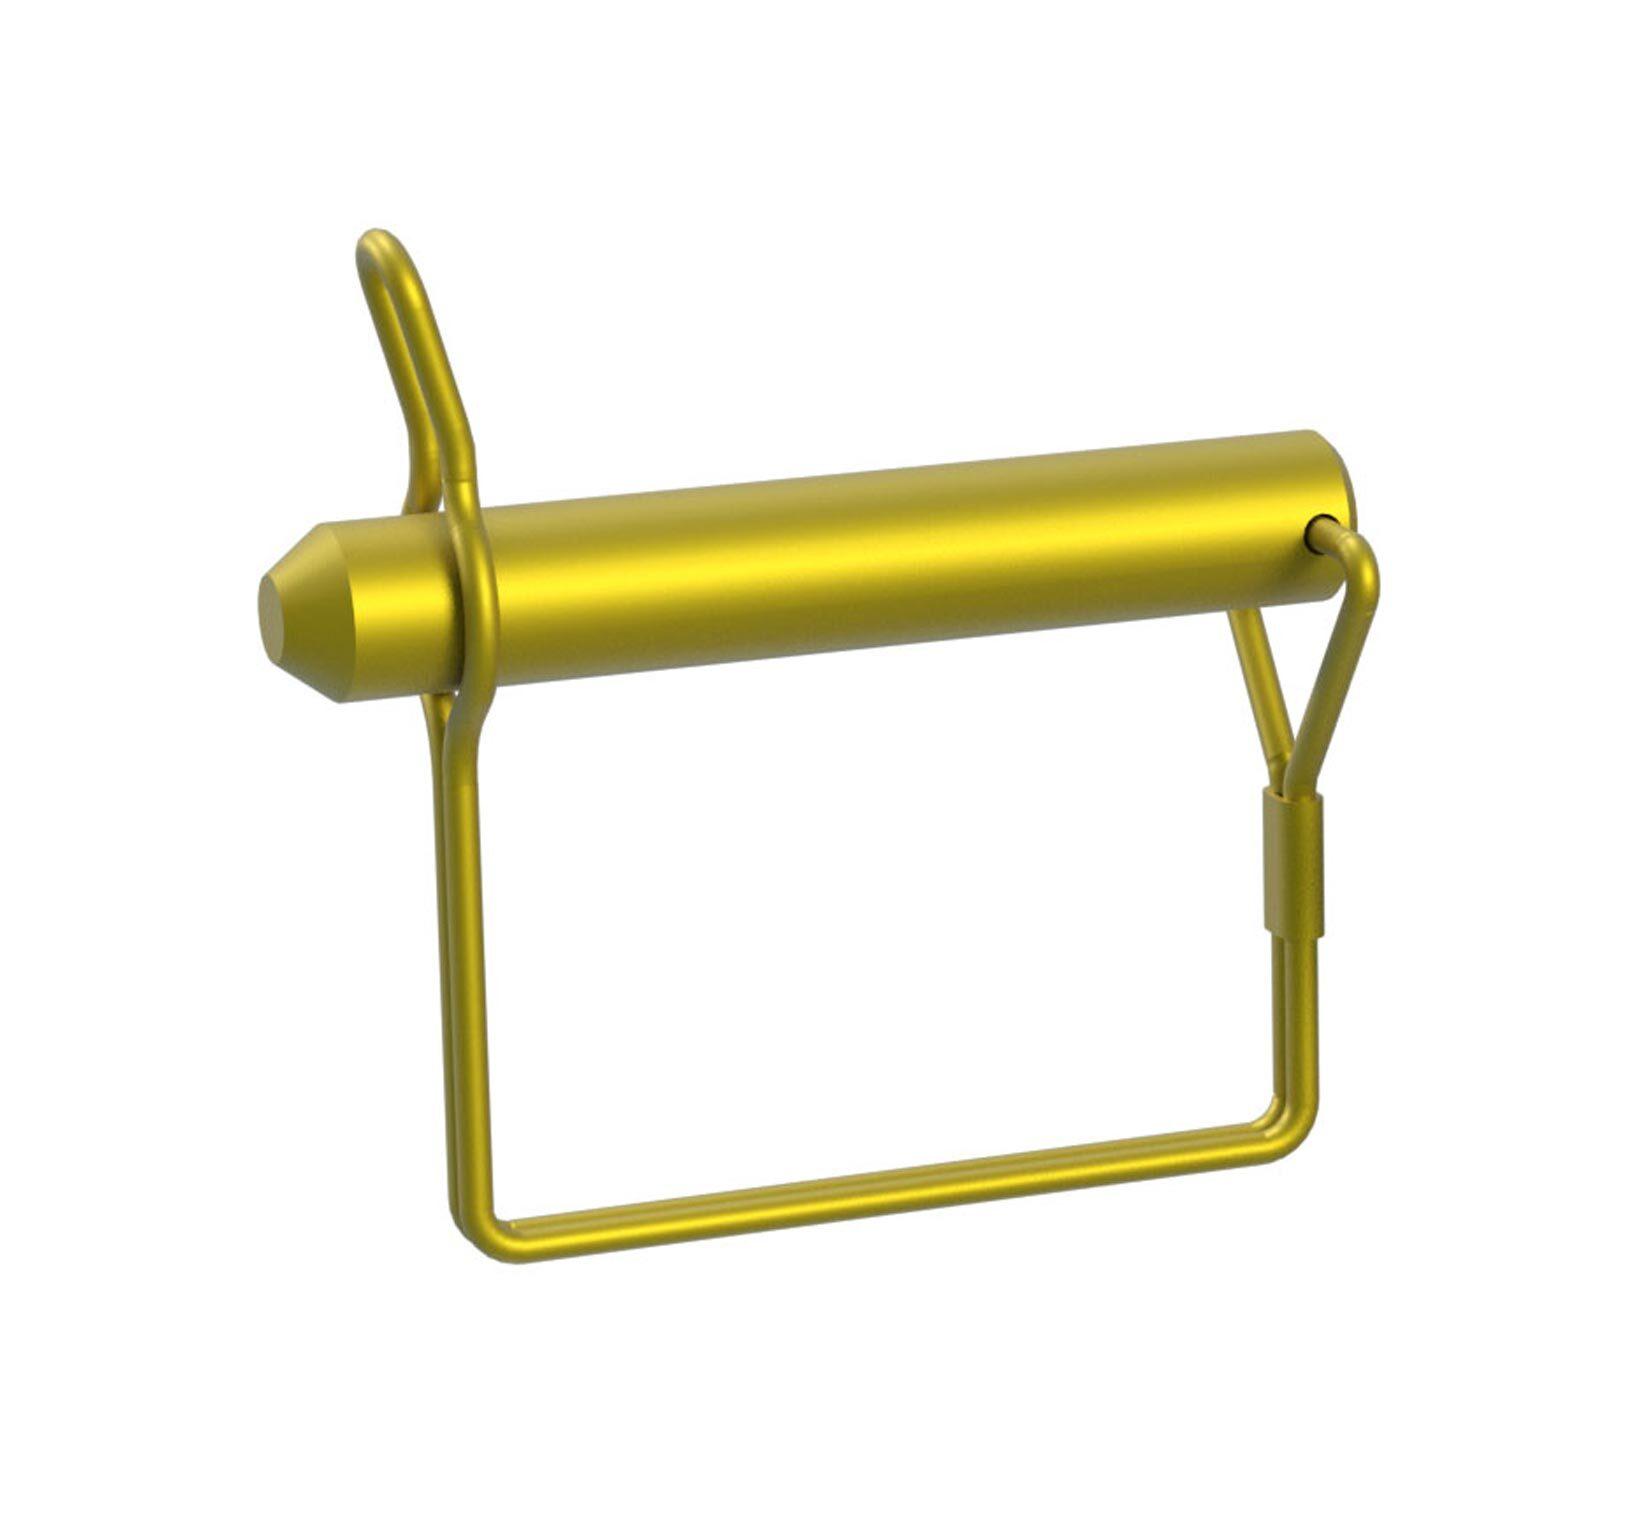 Altrix Ridge Quick Release Pins